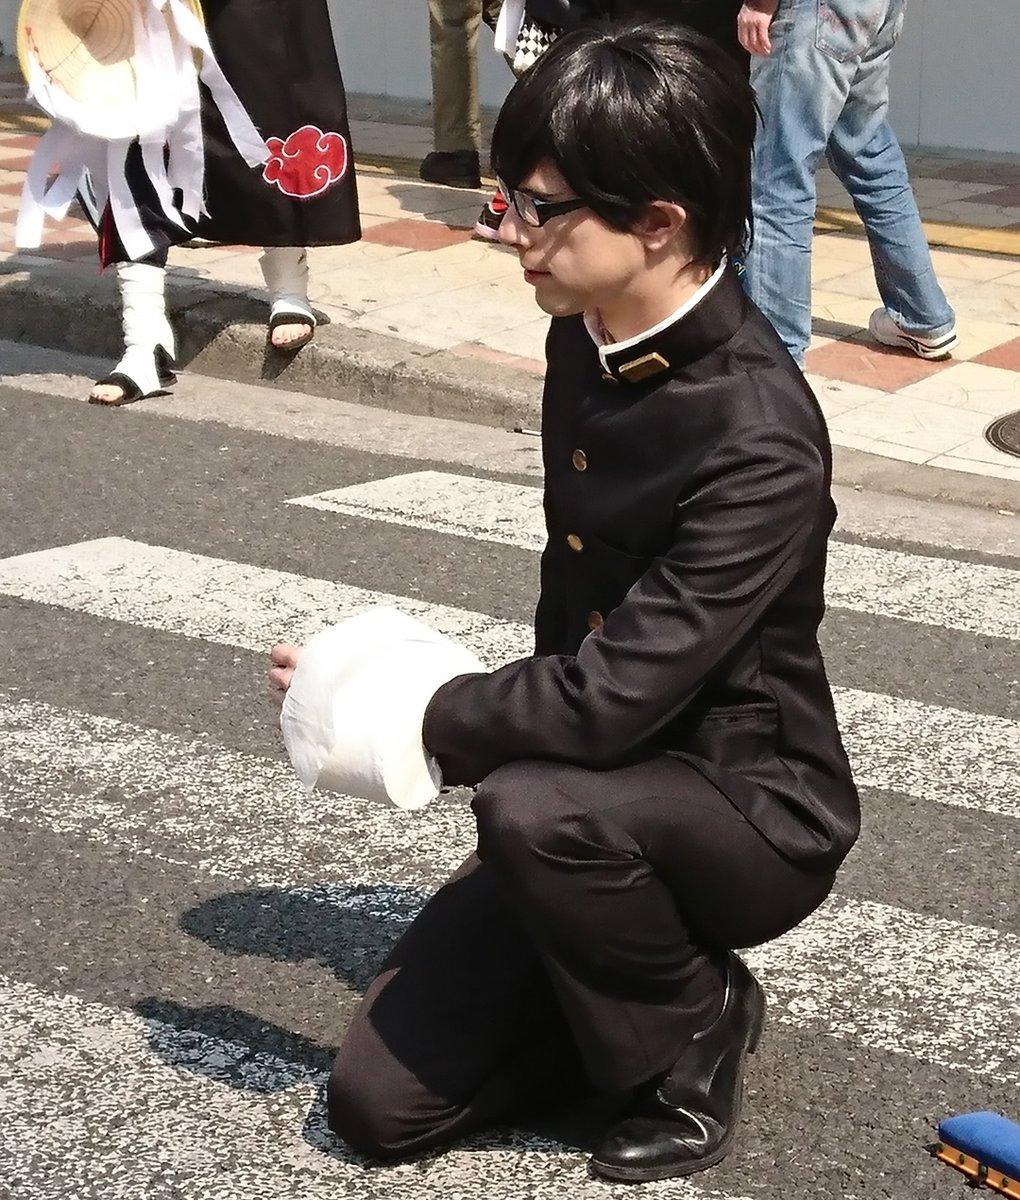 坂本ですが?#ストフェス  #ストフェス2017